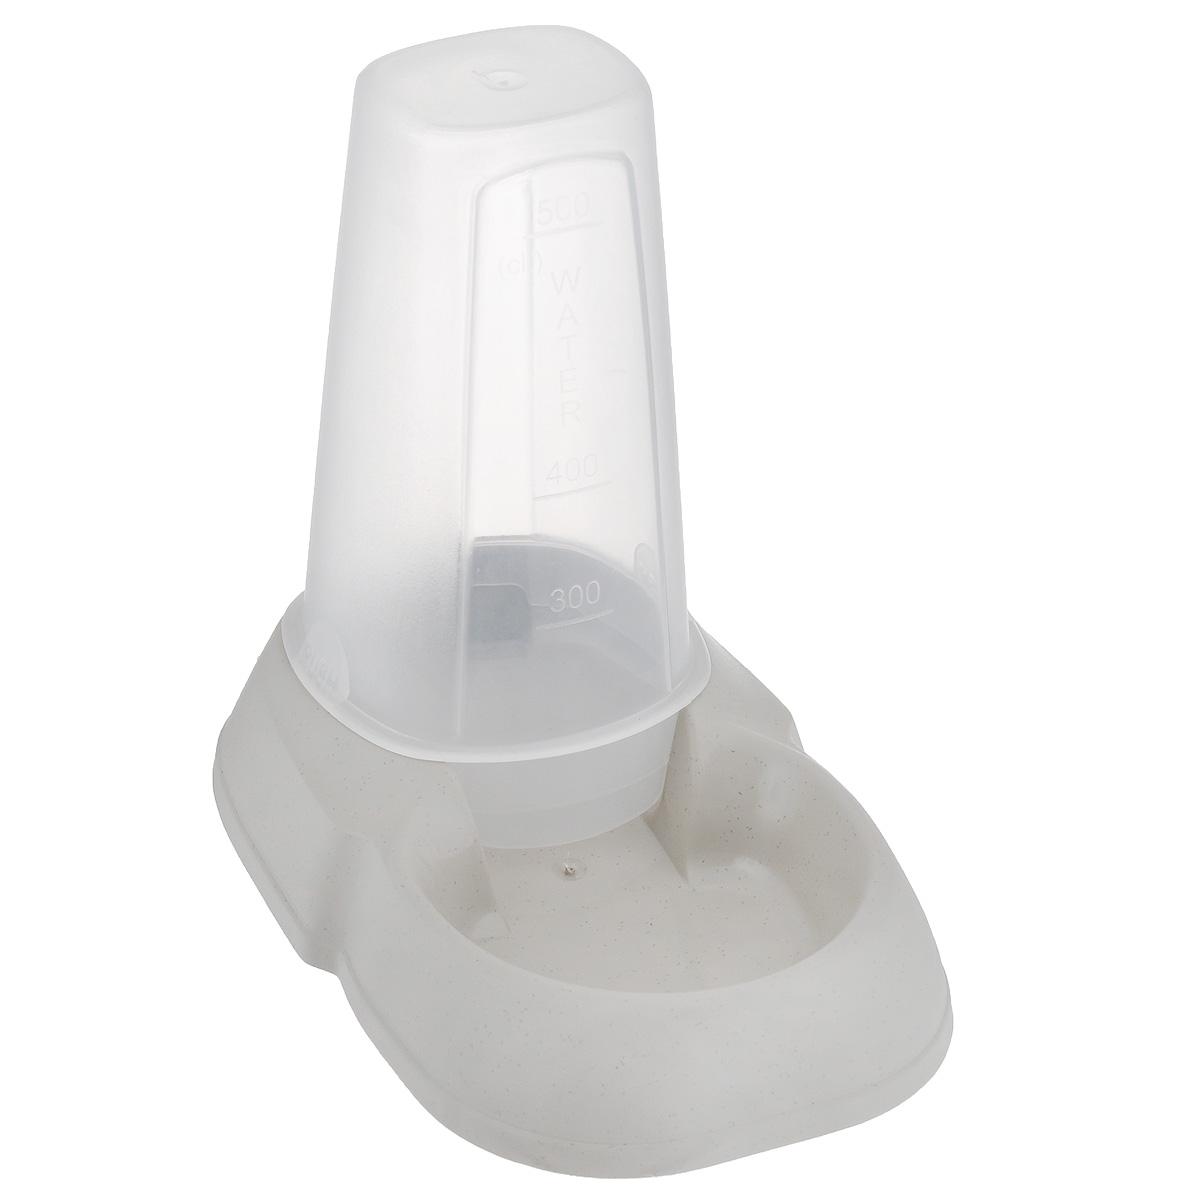 Миска для животных MPS Maya Dispenser, с контейнером, цвет: бежевый, 500 млS10050100_бежевыйМиска MPS Maya Dispenser, изготовленная из пластика, не впитывает посторонние запахи. Подходит как для кошек, так и для собак, хорьков, кроликов, морских свинок. Особенно удобна такая миска, если в доме содержится несколько животных. Подходит как для корма, так и для воды. На дне имеются противоскользящие резиновые ножки. Специальный прозрачный контейнер большой вместимости позволяет оставить достаточное количество воды или корма на длительное время. Объем контейнера: 500 мл. Размер миски: 12 см х 18 см х 4 см. Размер контейнера: 7,5 см х 7,5 см х 13 см. Товар сертифицирован.